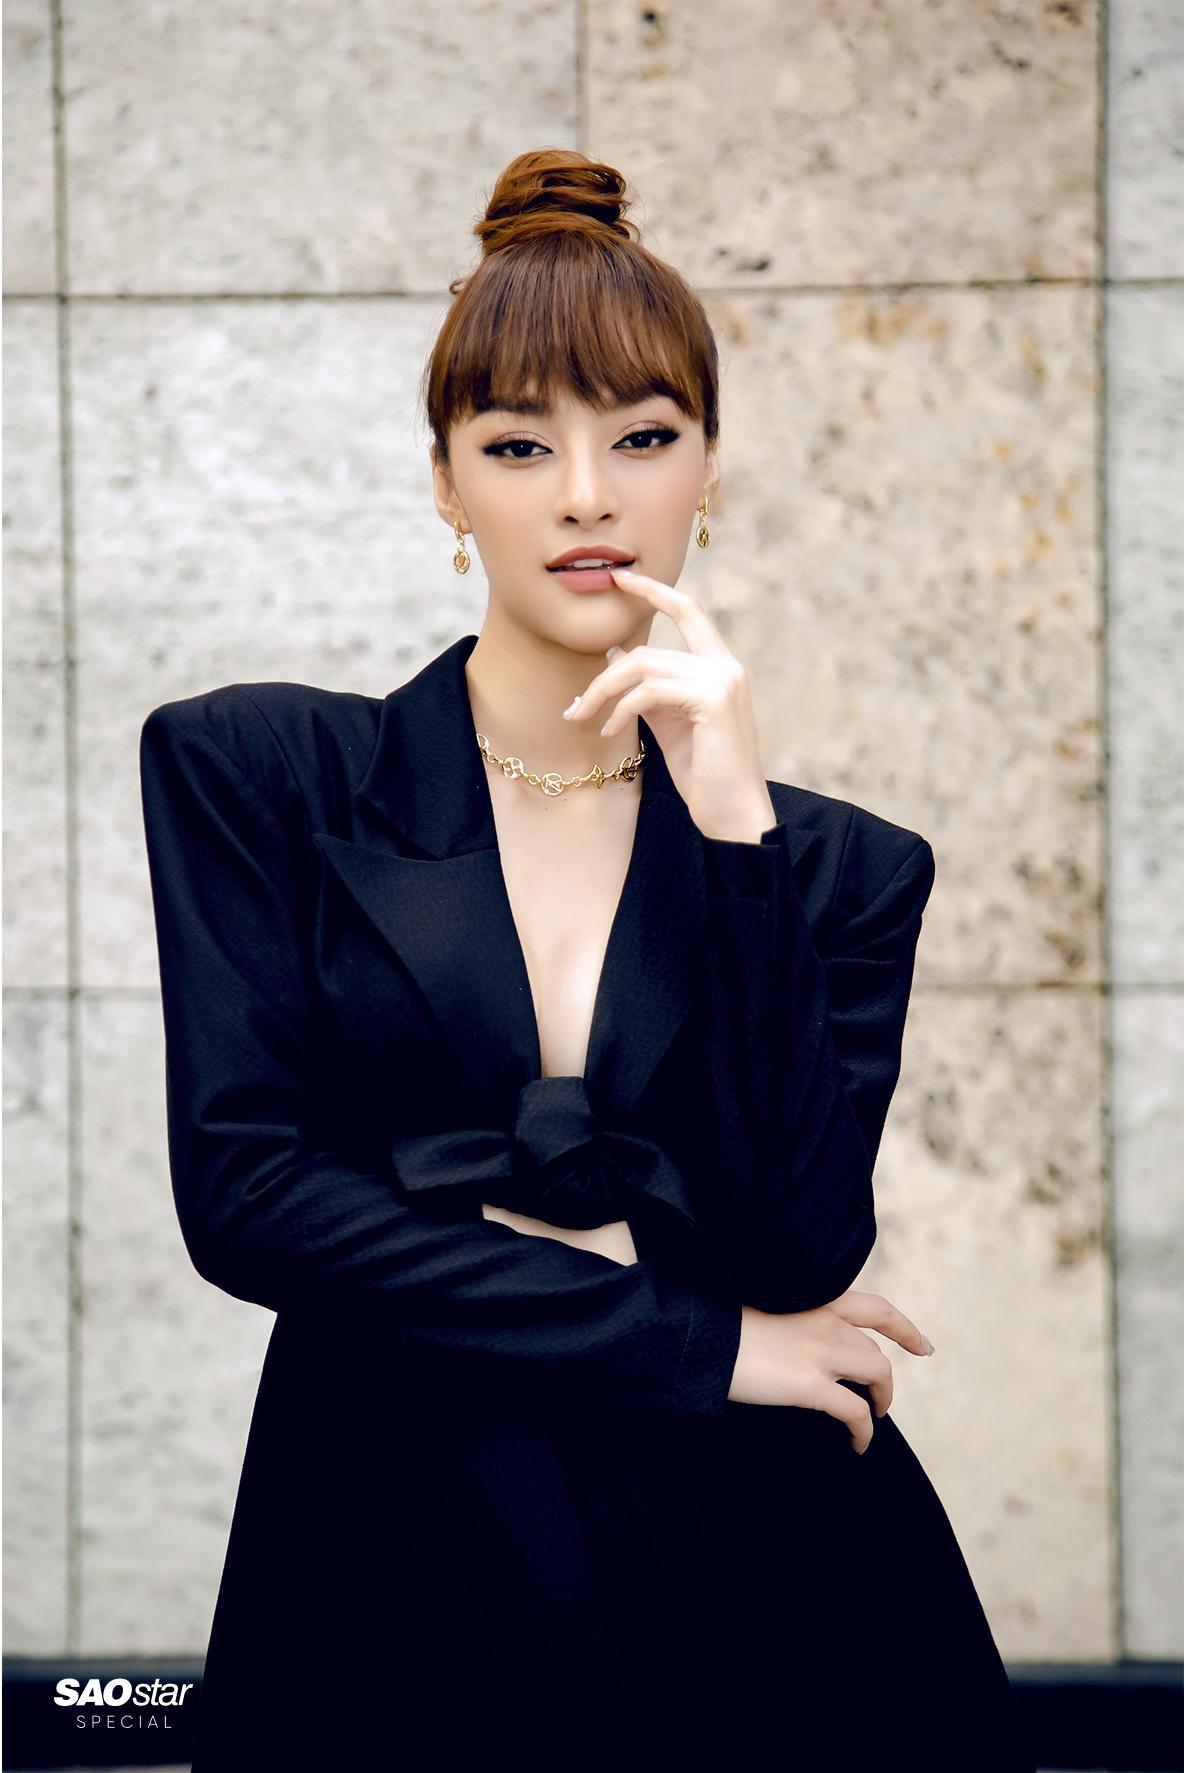 Á hậu Kiều Loan: 'Không điều gì có thể khiến tôi nản lòng khi đã tin tưởng vào con đường mình lựa chọn' Ảnh 6